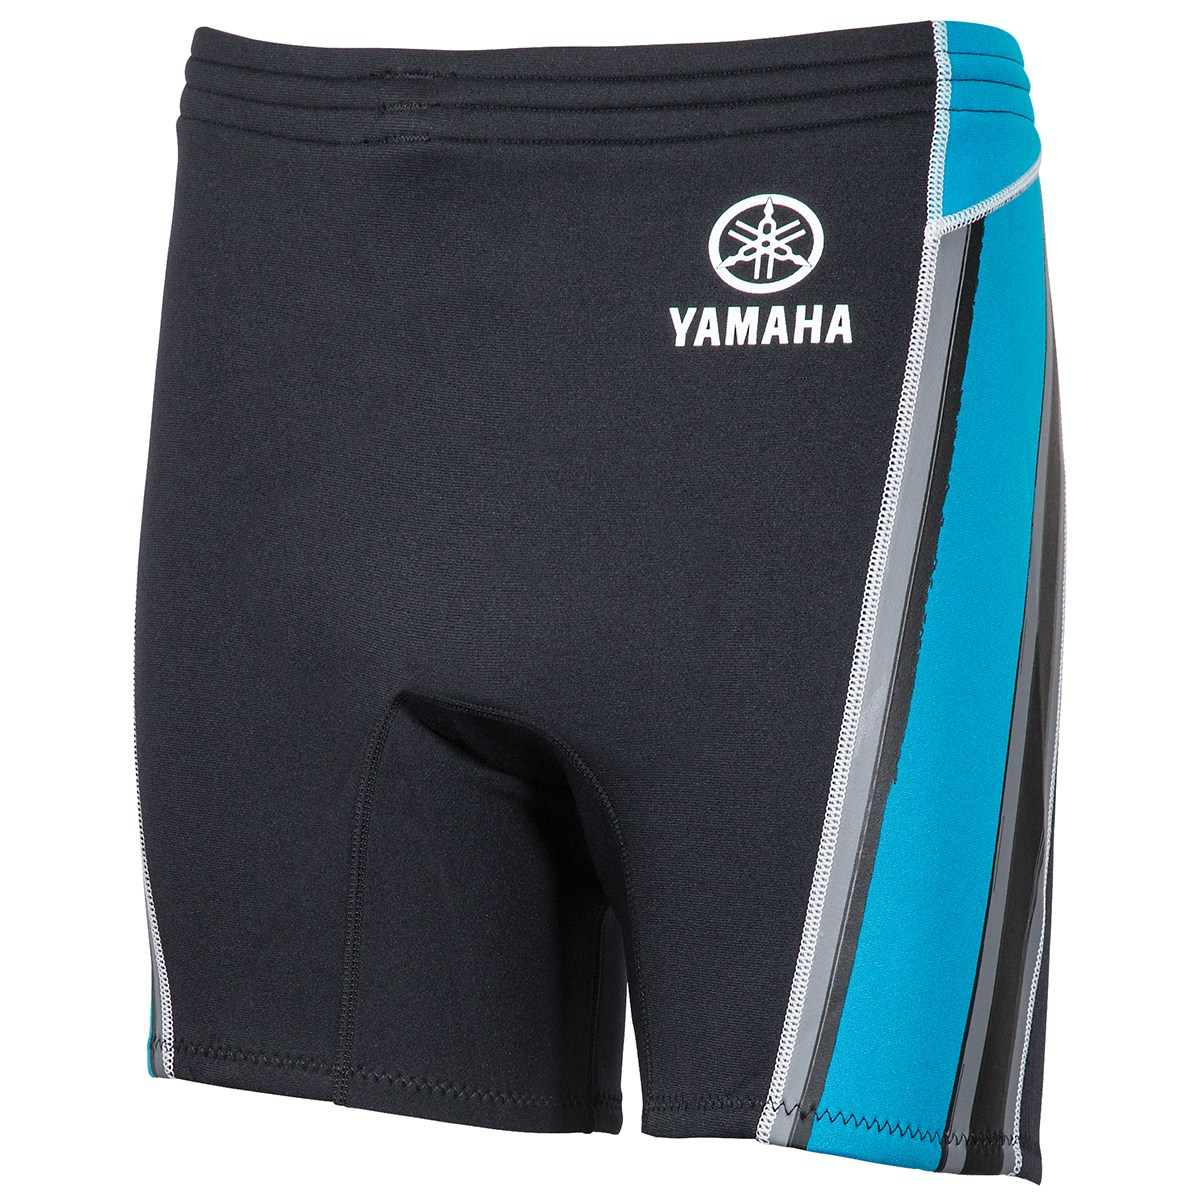 Yamaha Neoprene Shorts